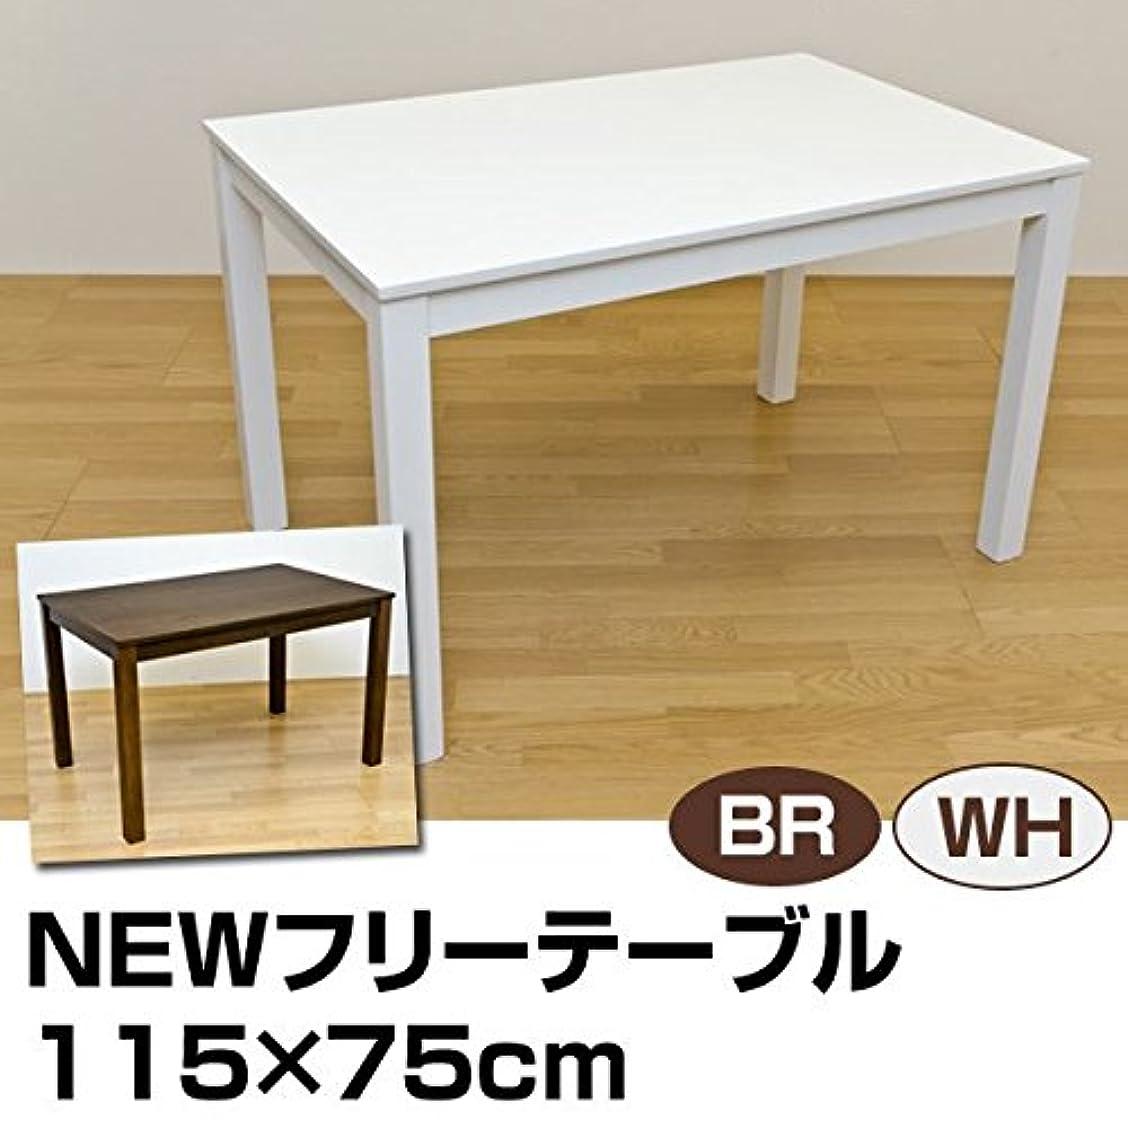 通行人チャレンジ周波数VGL-01BR(3.9)NEWフリーテーブル 115×75 ブラウン